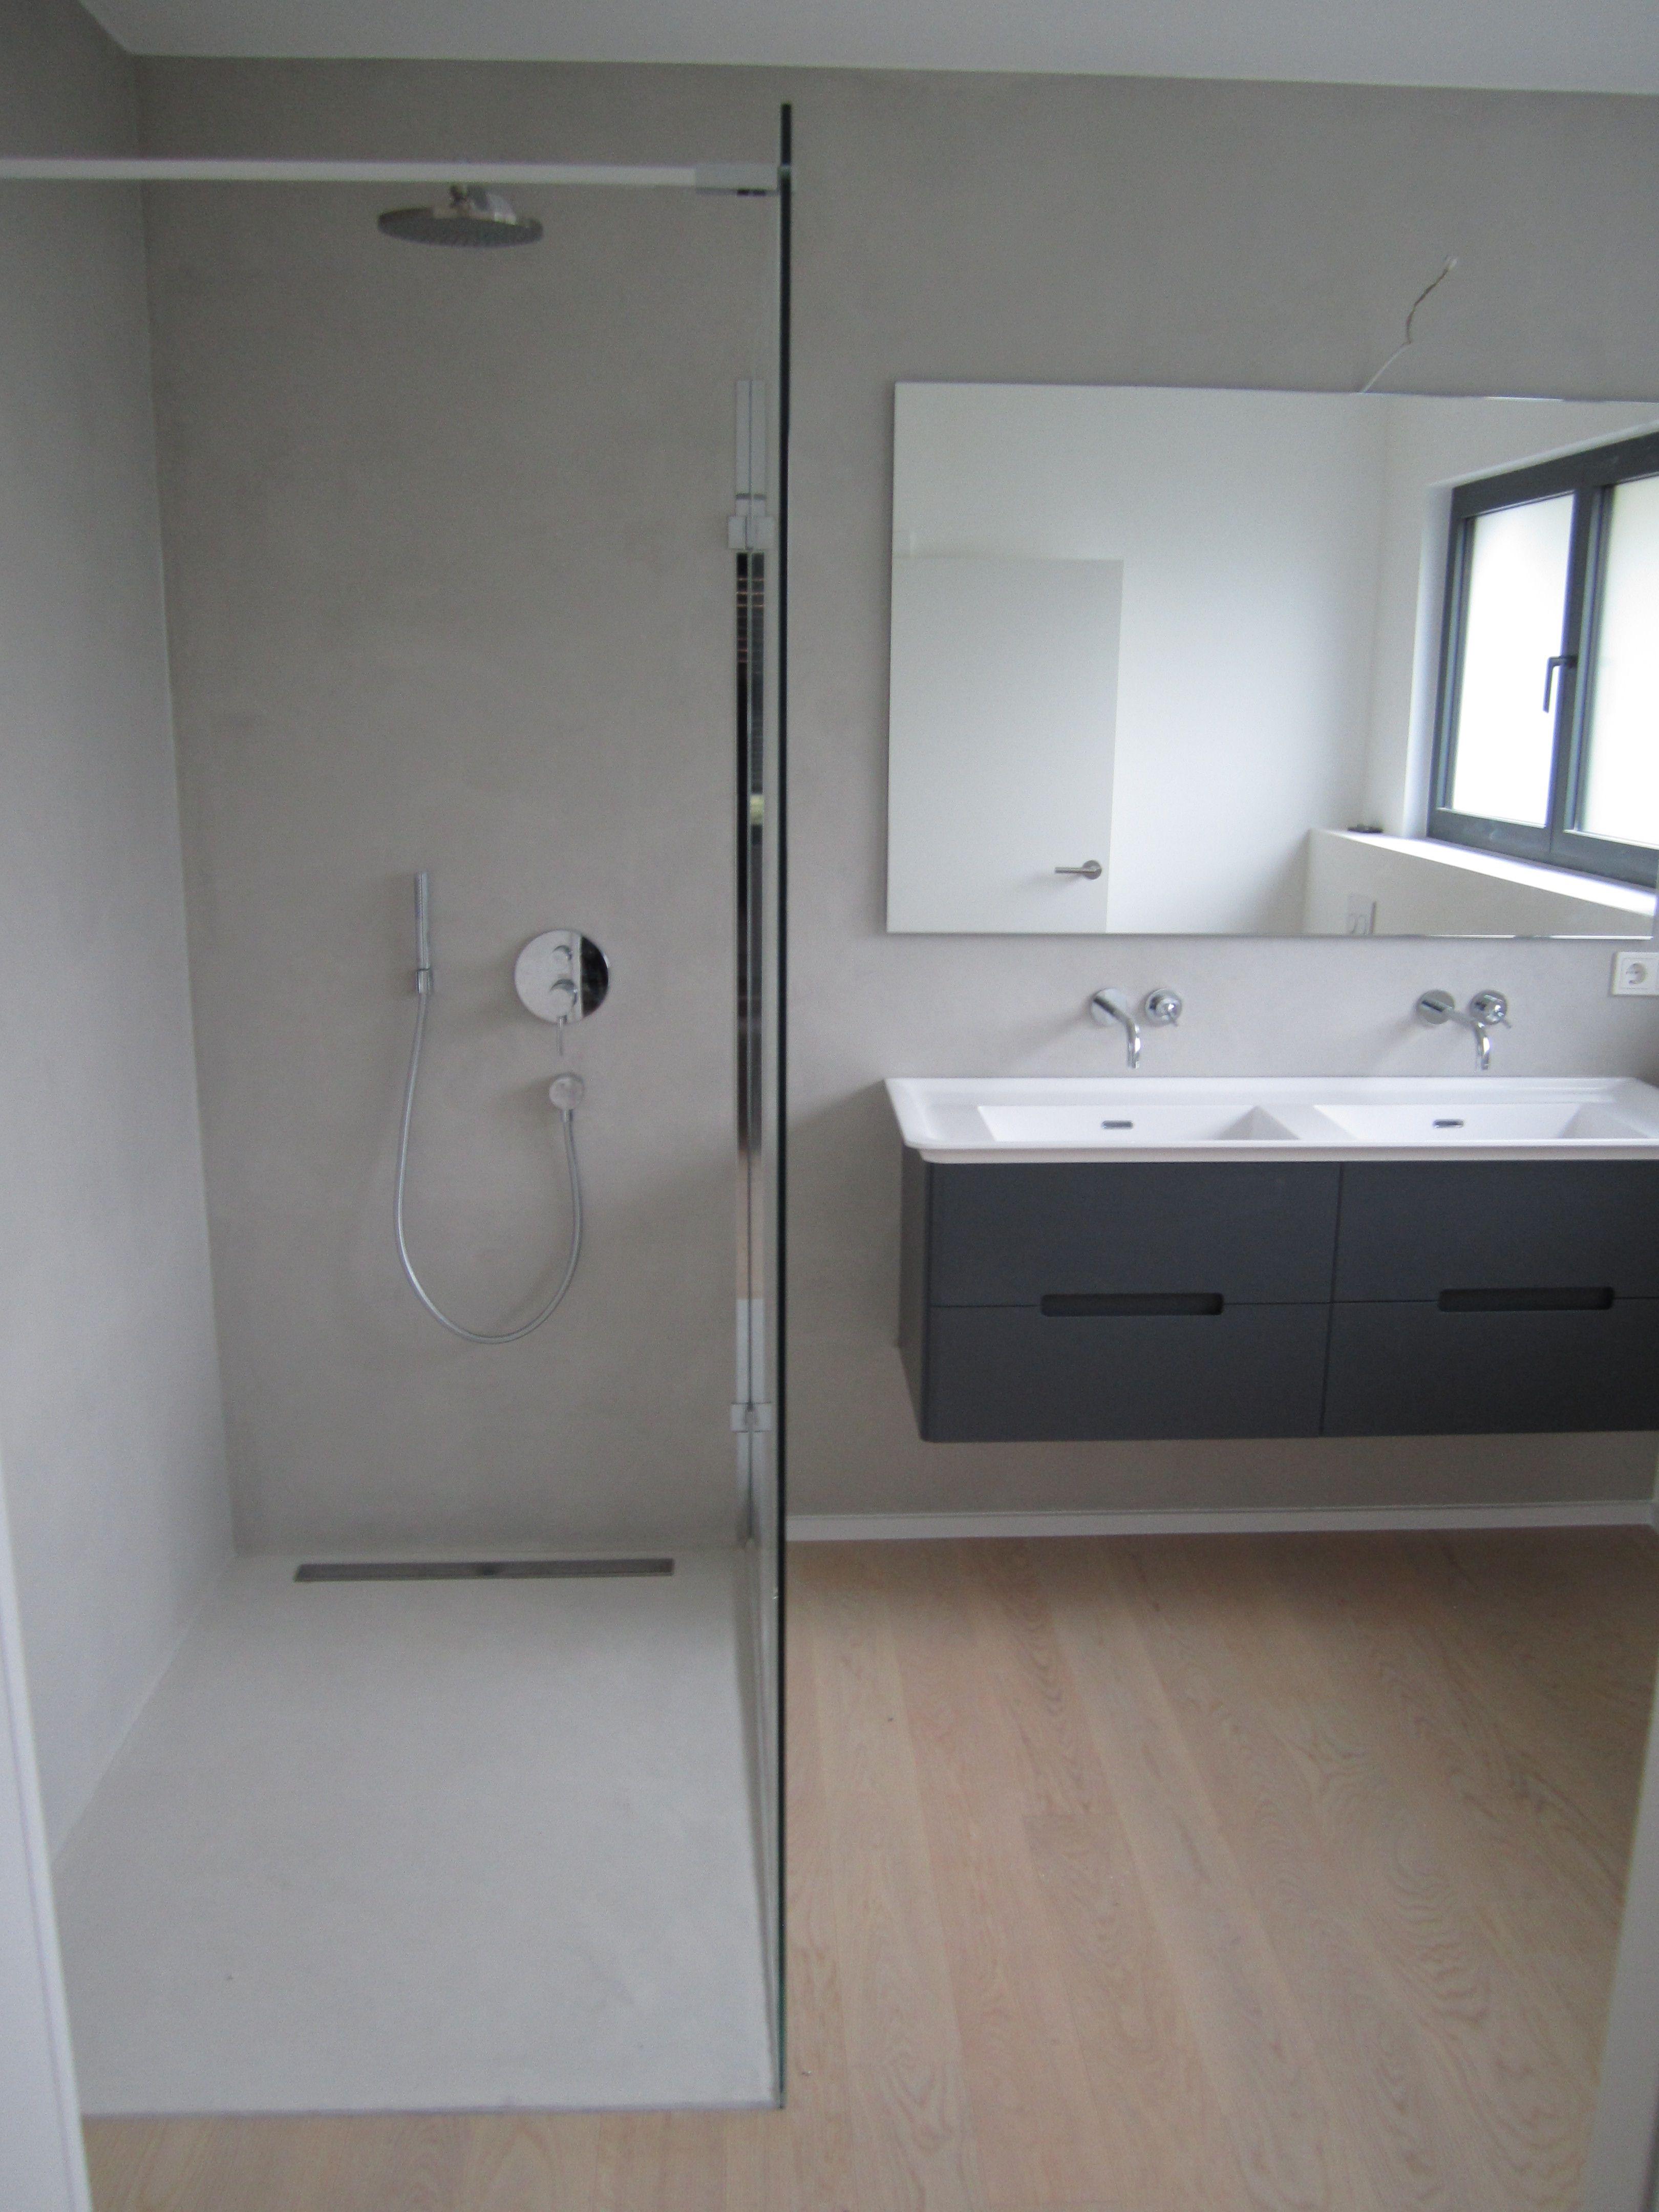 6 Wertvolle Tipps Wie Sie Schimmelpilz In Ihrer Wohnung Vermeiden Konnen Neues Badezimmer Marmorputz Hausrenovierung